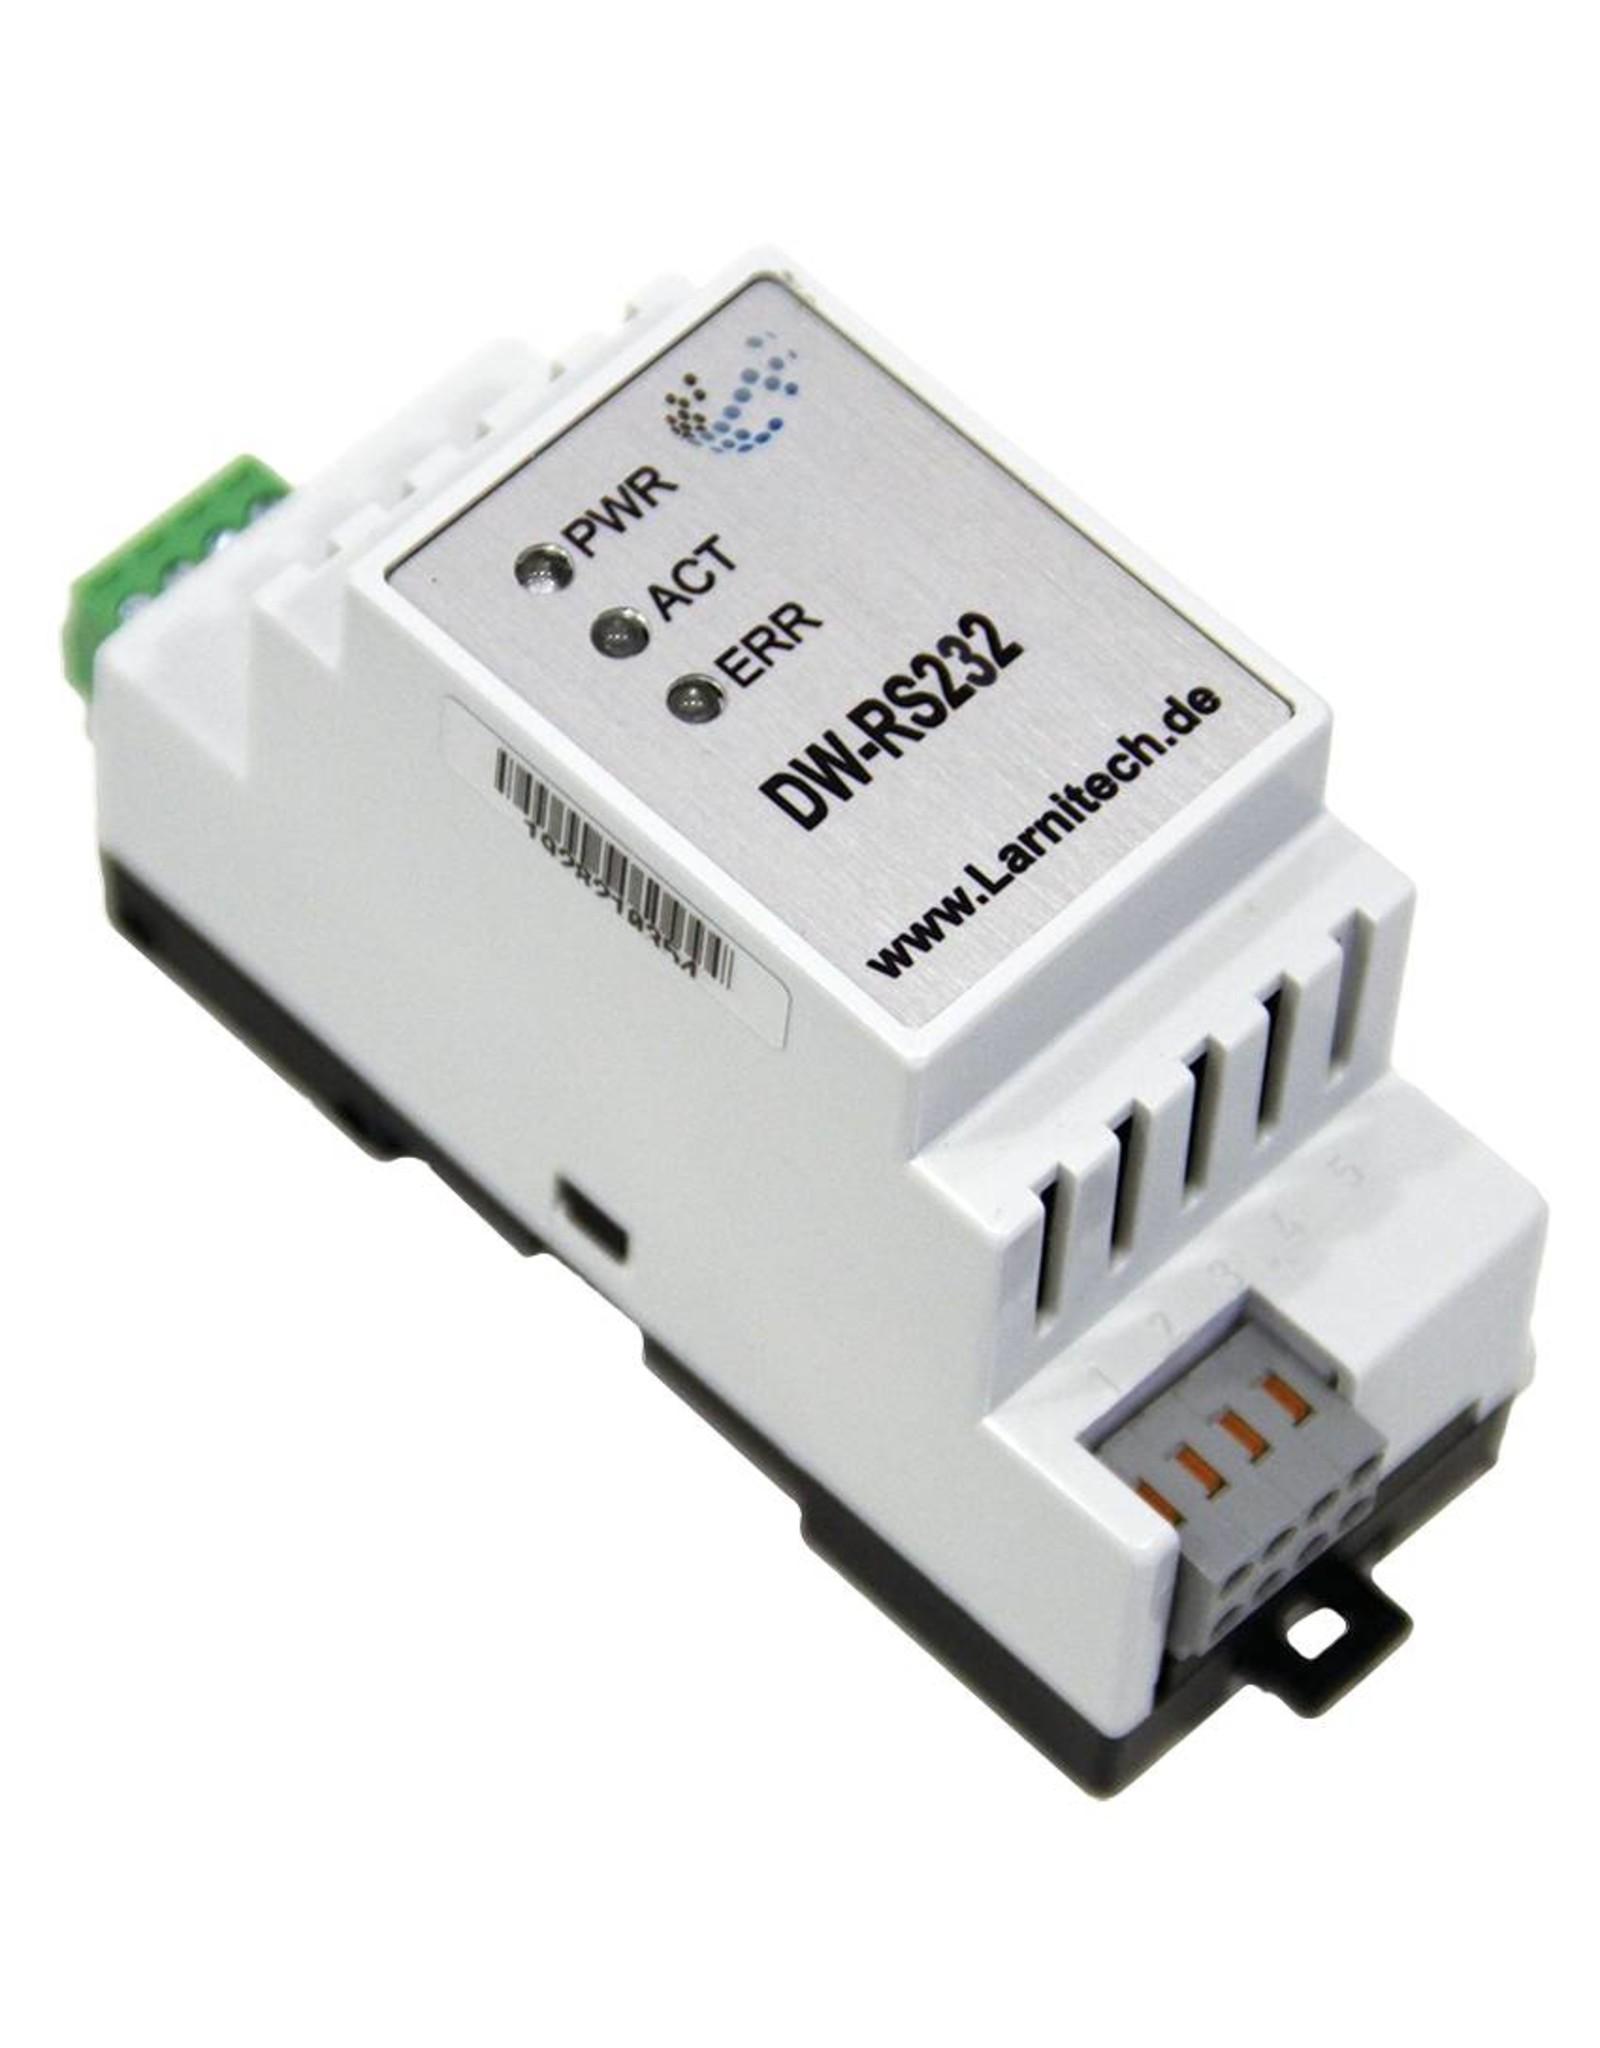 Larnitech DW-RS232 - DIN-rail RS232 interface